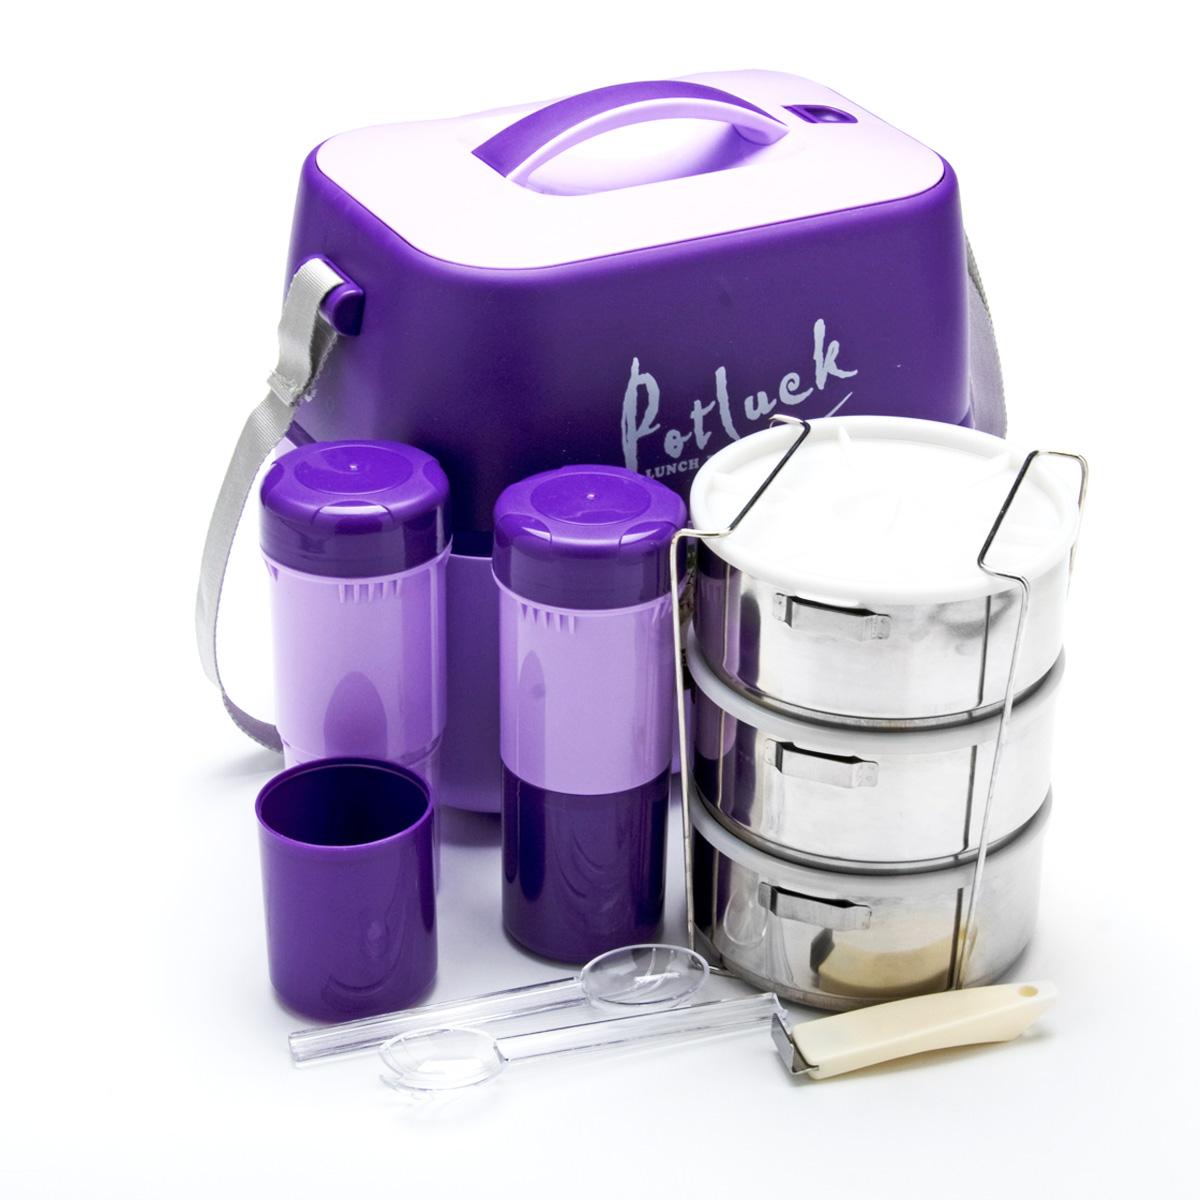 Термо-контейнер для продуктов Mayer & Boch, цвет: фиолетовый, 3,6 л23729Термо-контейнер Mayer & Boch, изготовленный из полипропилена, станет незаменимой вещью для офисных работников, водителей, школьников и студентов. Благодаря двойной стенке и герметичной крышке термо-конейнер сохраняет температуру продуктов в течение 4-5 часов, поэтому вы сможете насладиться теплым обедом и вне дома. Изделие имеет абсолютно герметичную конструкцию. Контейнер идеален для пикников и путешествий. Вы можете носить в нем обеды и завтраки, супы, закуски, фрукты, овощи и другое. Термо-контейнер прекрасно подходит для горячей и холодной пищи. Для более удобной транспортировки изделие оснащено текстильным ремнем. В наборе - 3 стальных контейнера для пищи с пластиковыми крышками, металлическая подставка и съемная ручка для контейнеров, 2 пластиковые емкости для жидкости с крышками, 2 стакана, пластиковые ложка и вилка-ложка. Все предметы компактно и надежно складываются внутрь термо-контейнера.